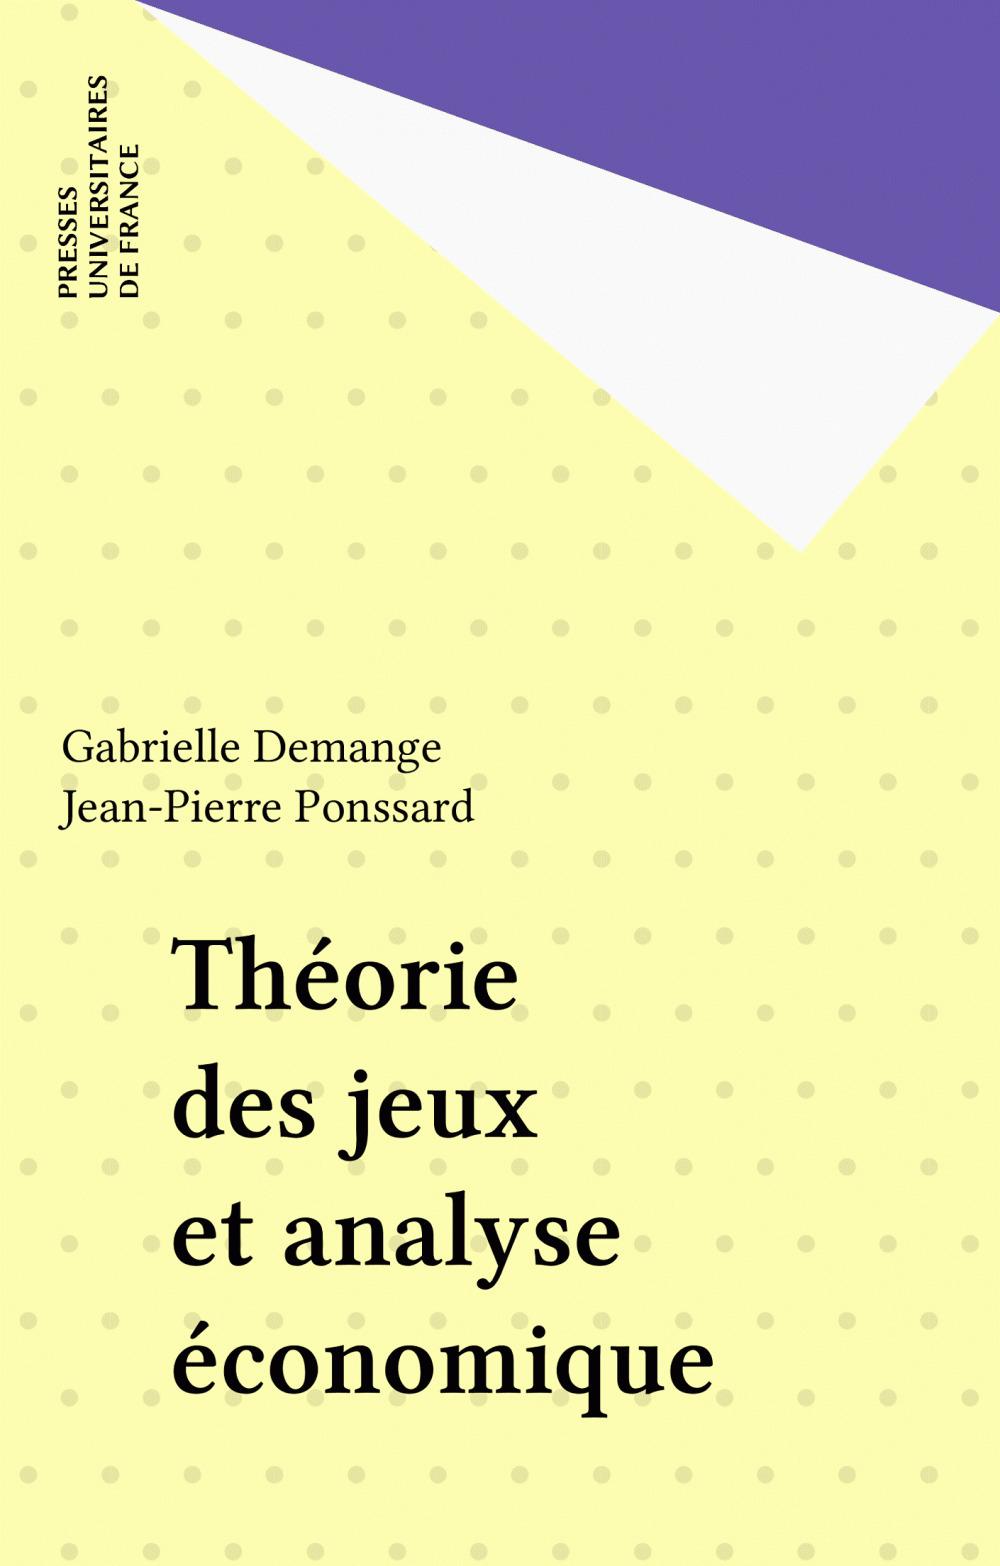 Théorie des jeux et analyse économique